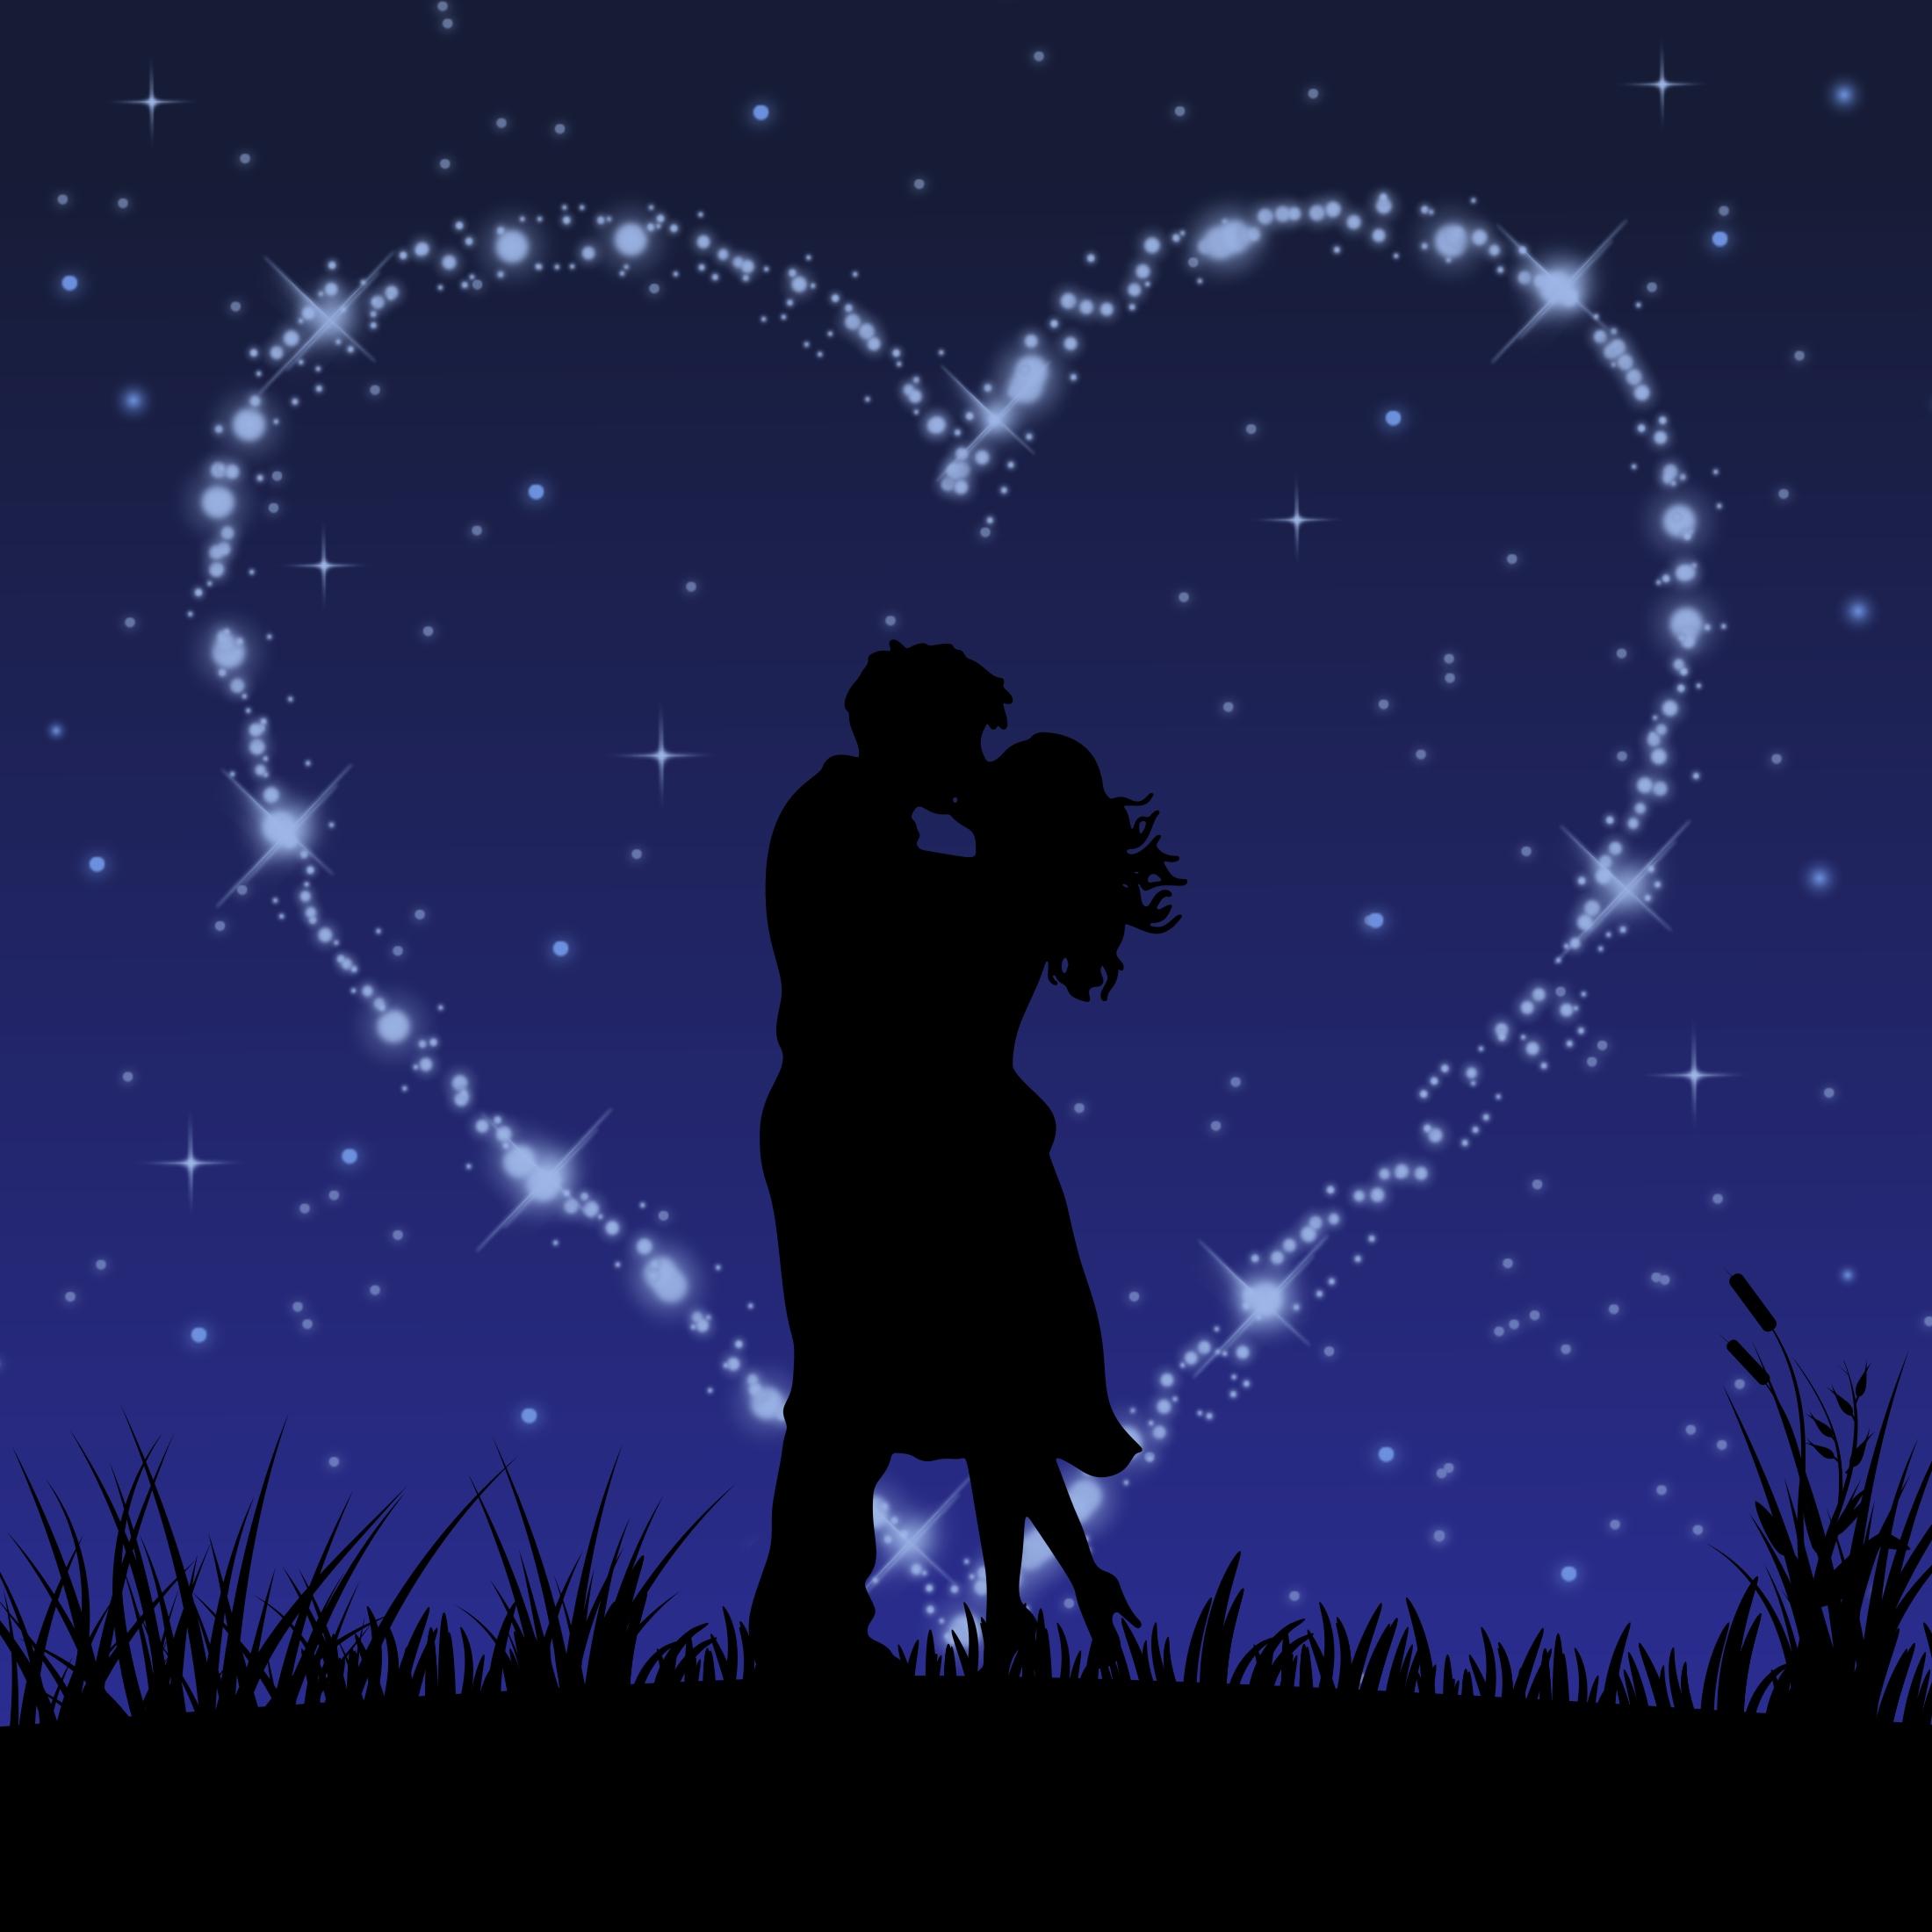 Днем, красивые картинки для любимой на ночь